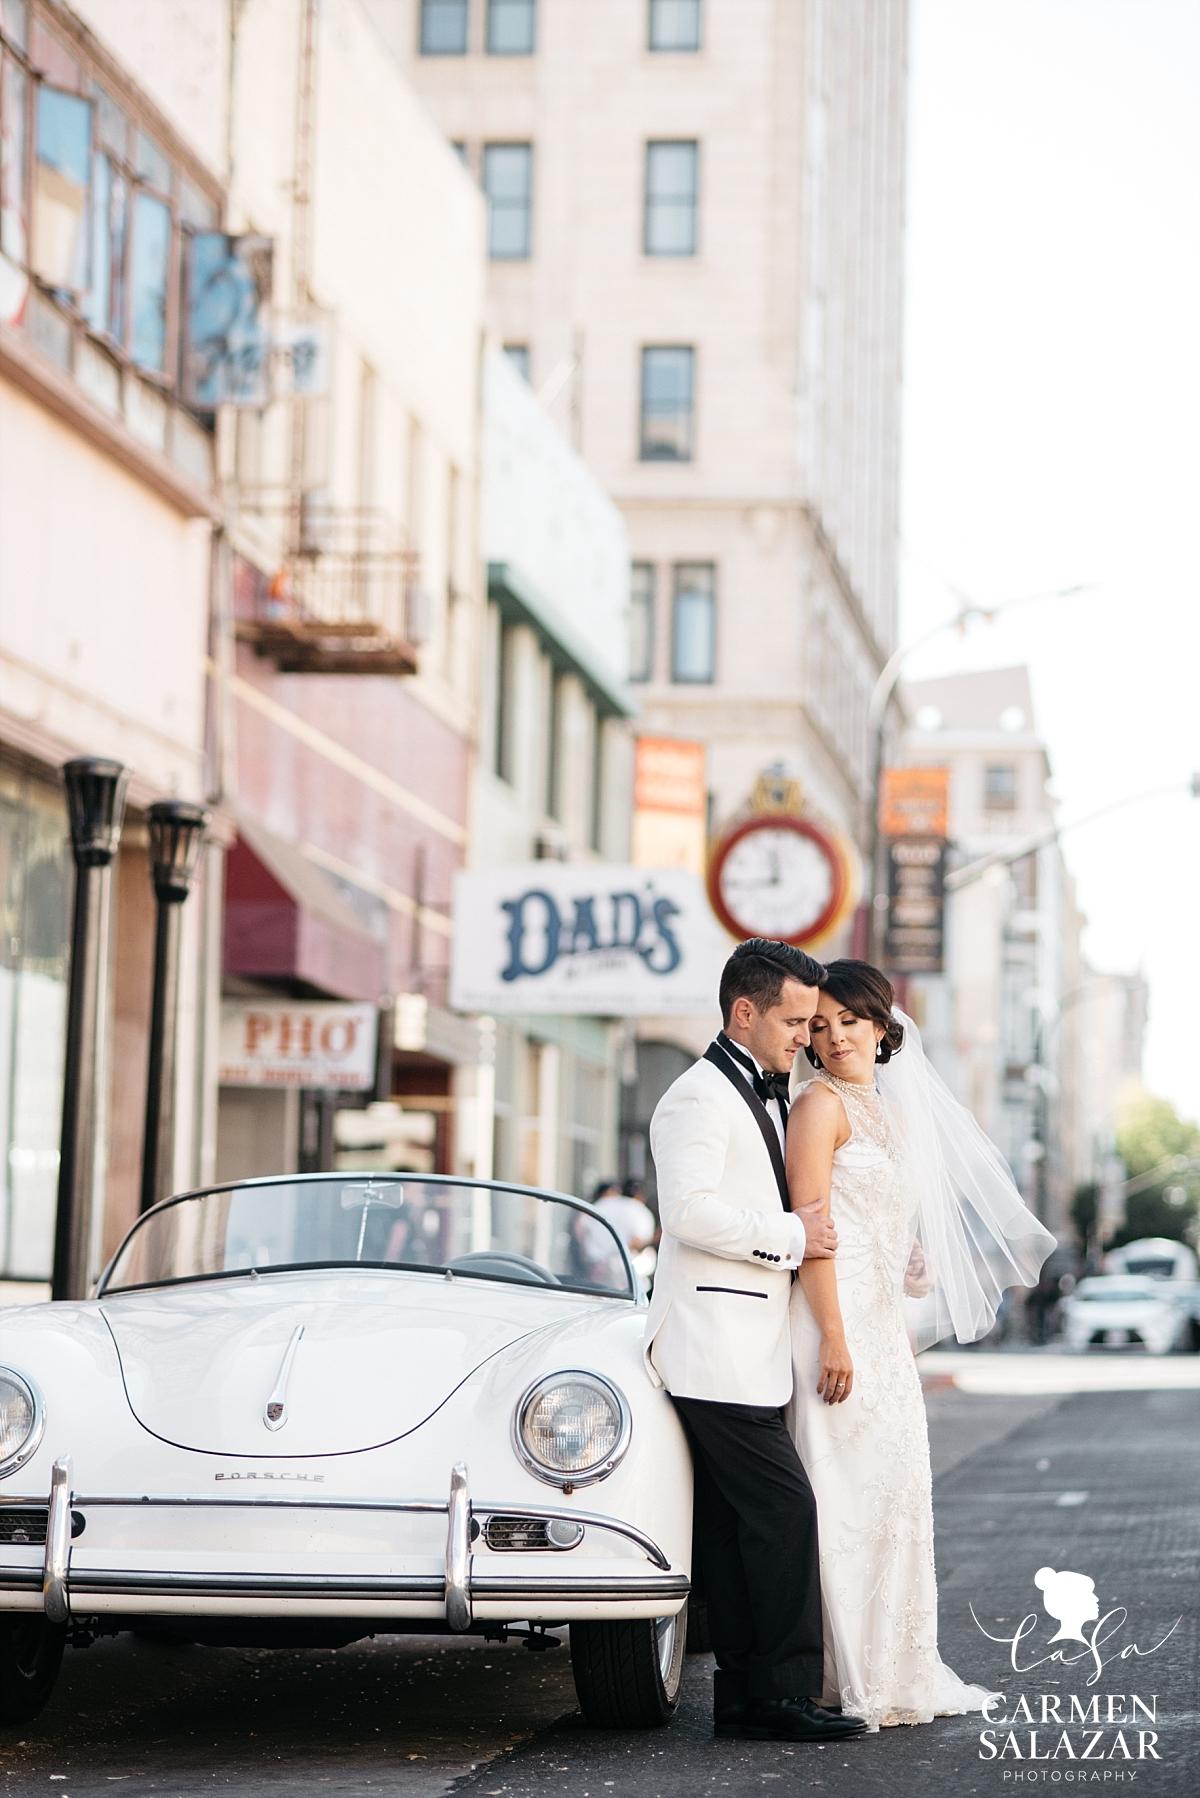 Classic Porsche Downtown Sacramento wedding photography - Carmen Salazar